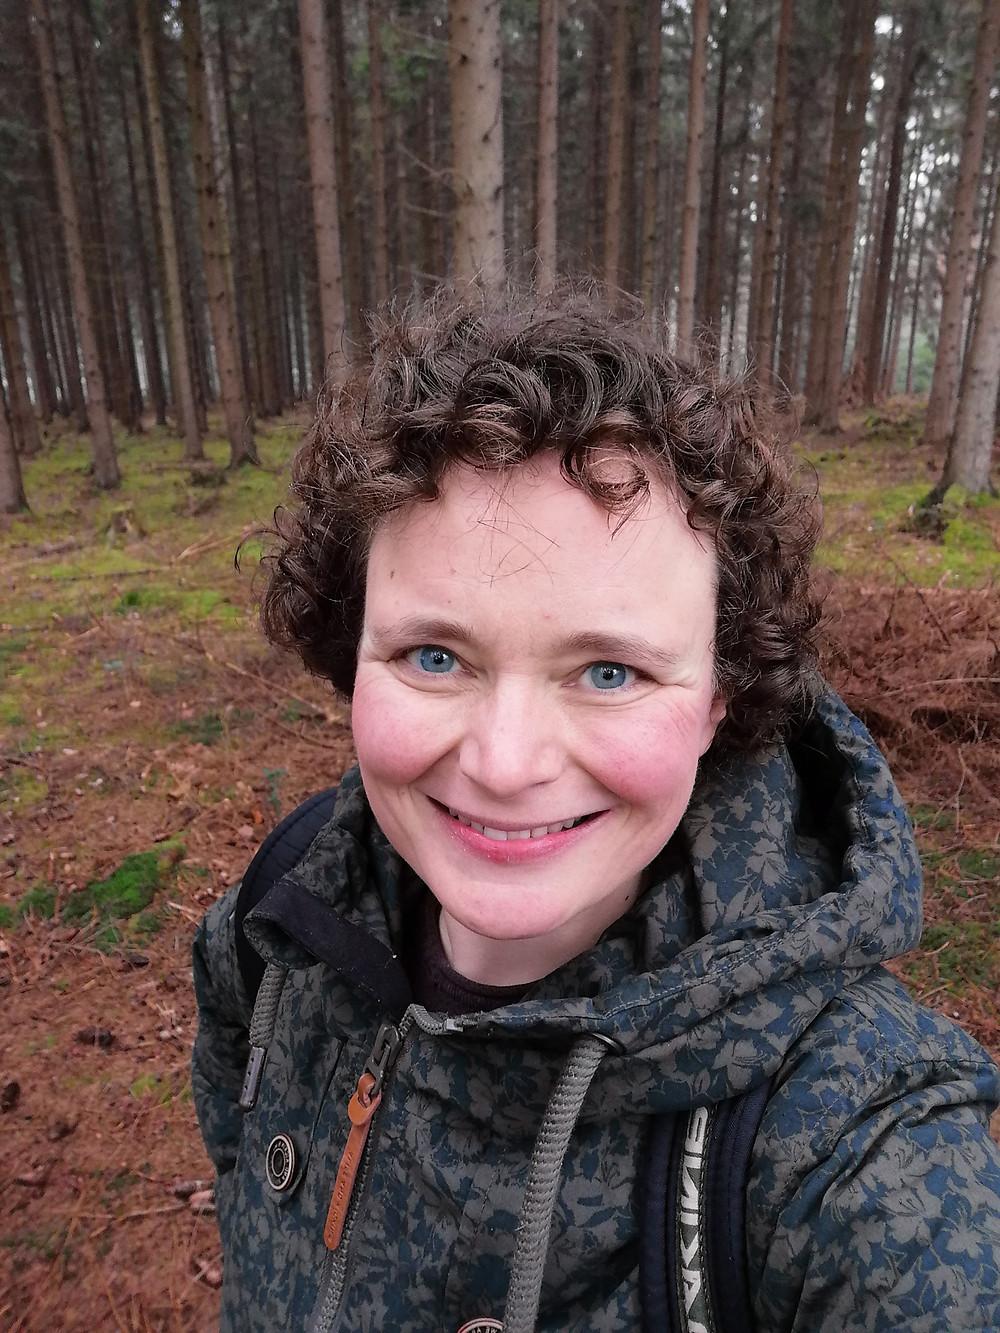 Eva steht strahlend im Wald